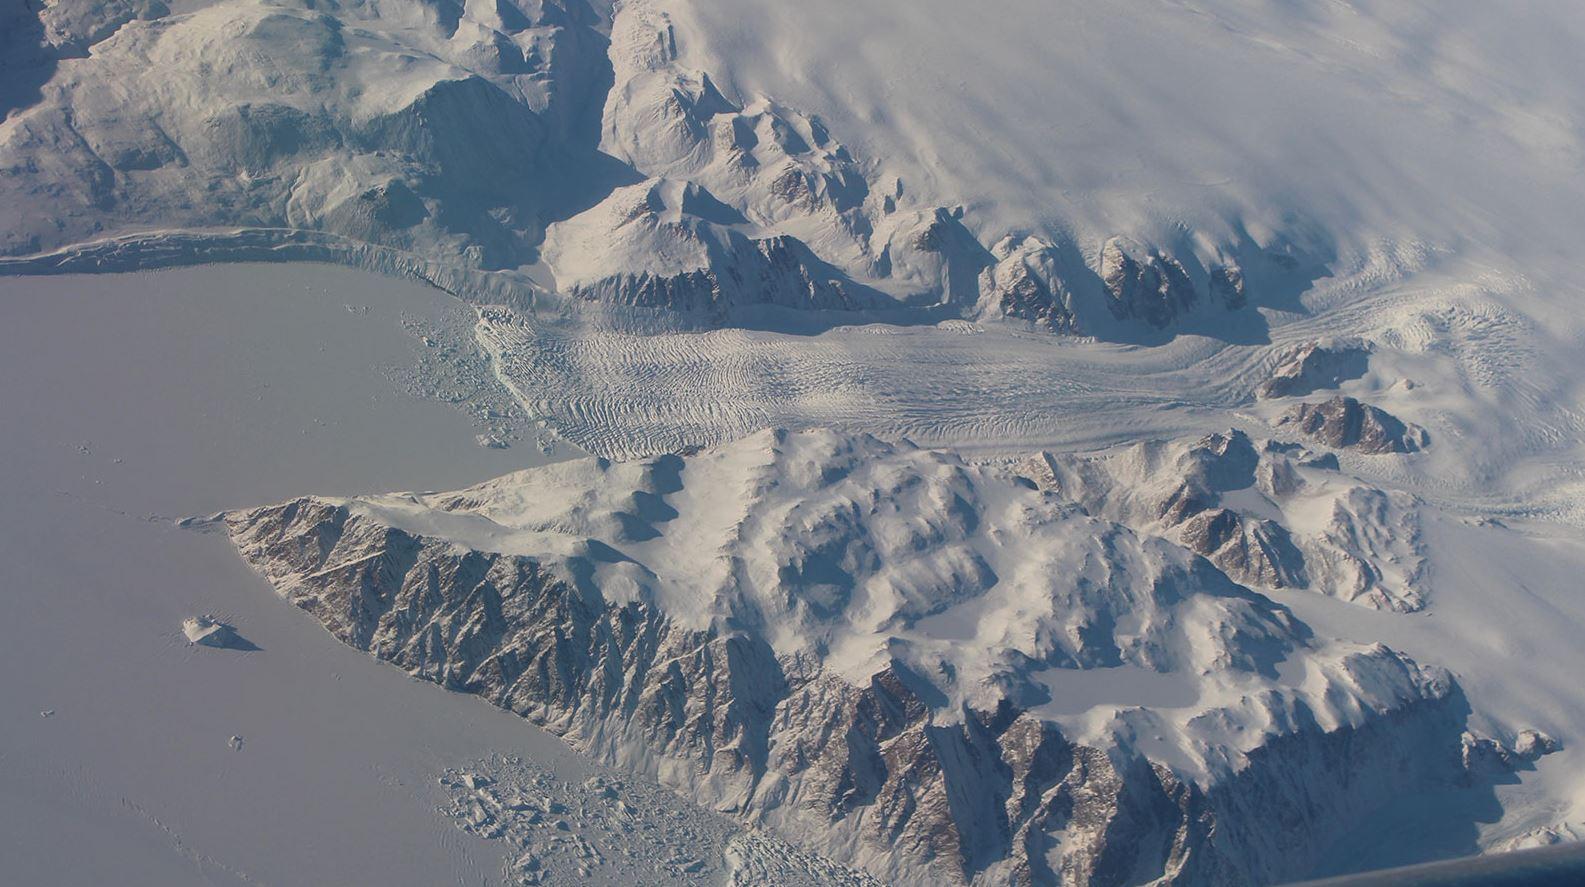 A Greenland glacier. - Image Credit: NASA